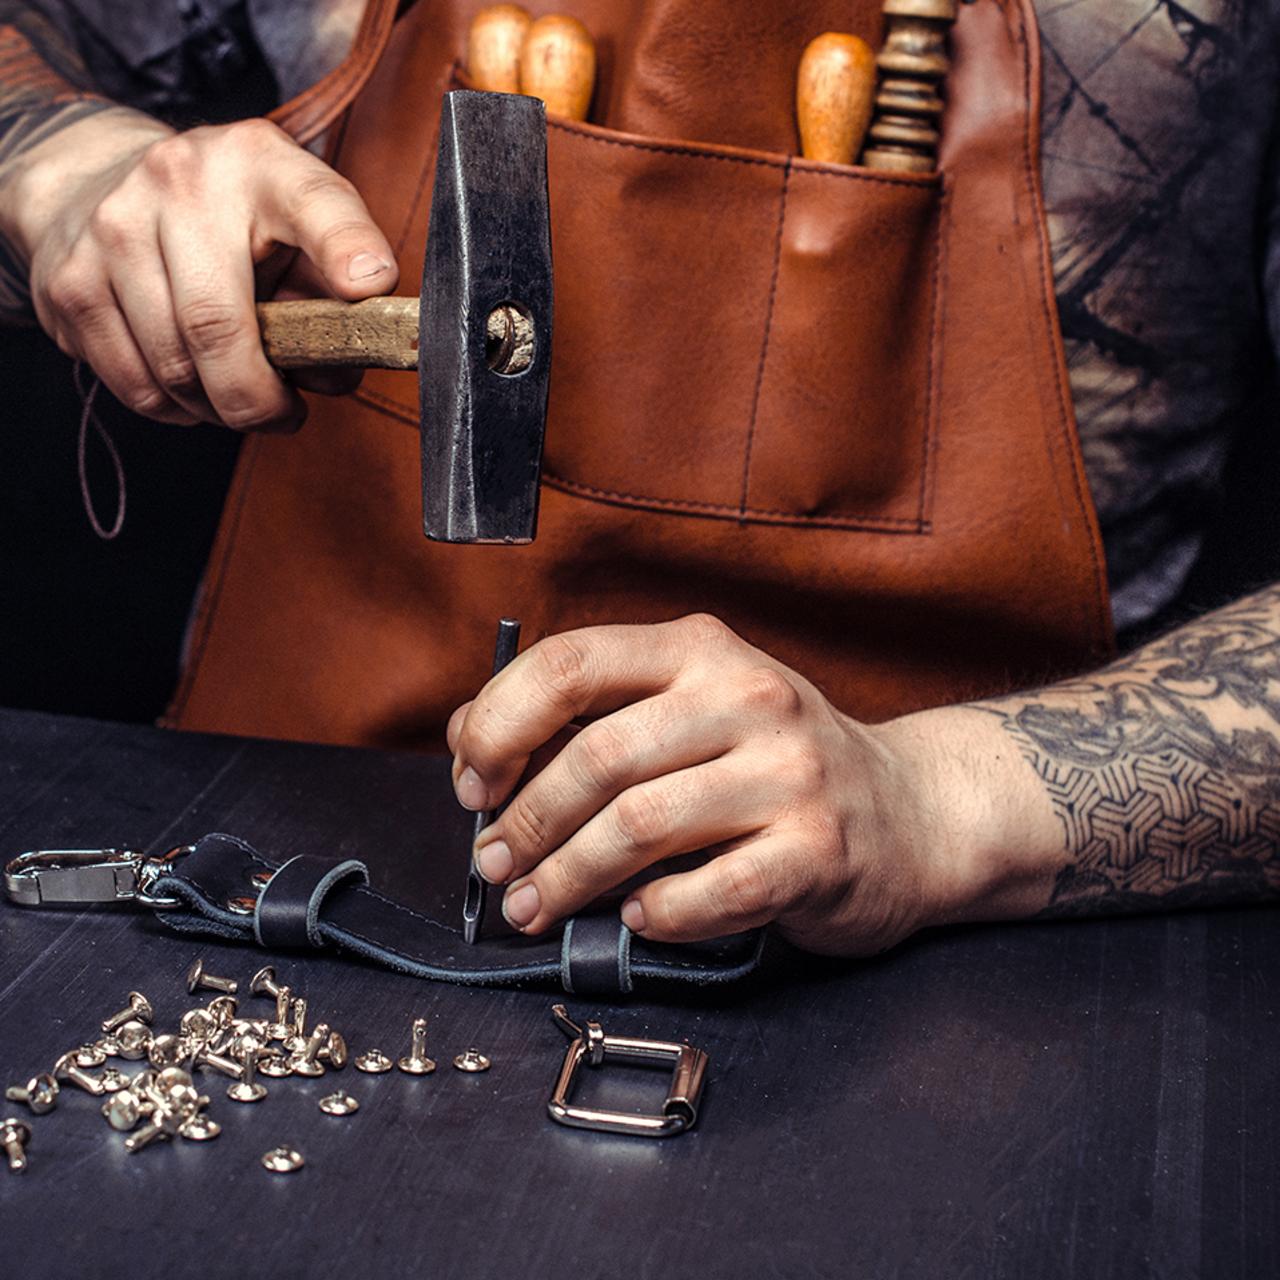 Handwerker mit Hammer stanzt Löcher in einen Gürtel